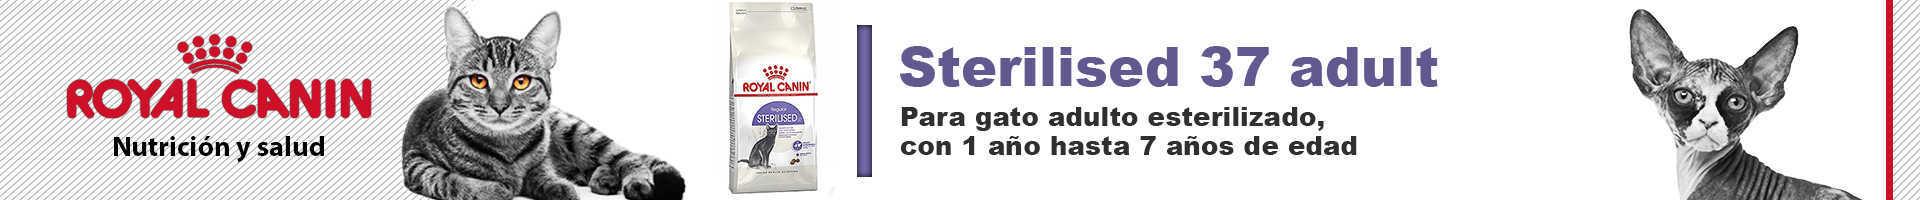 Royal Canin sterilised para gatos adultos esterilizados de 1 a 7 años